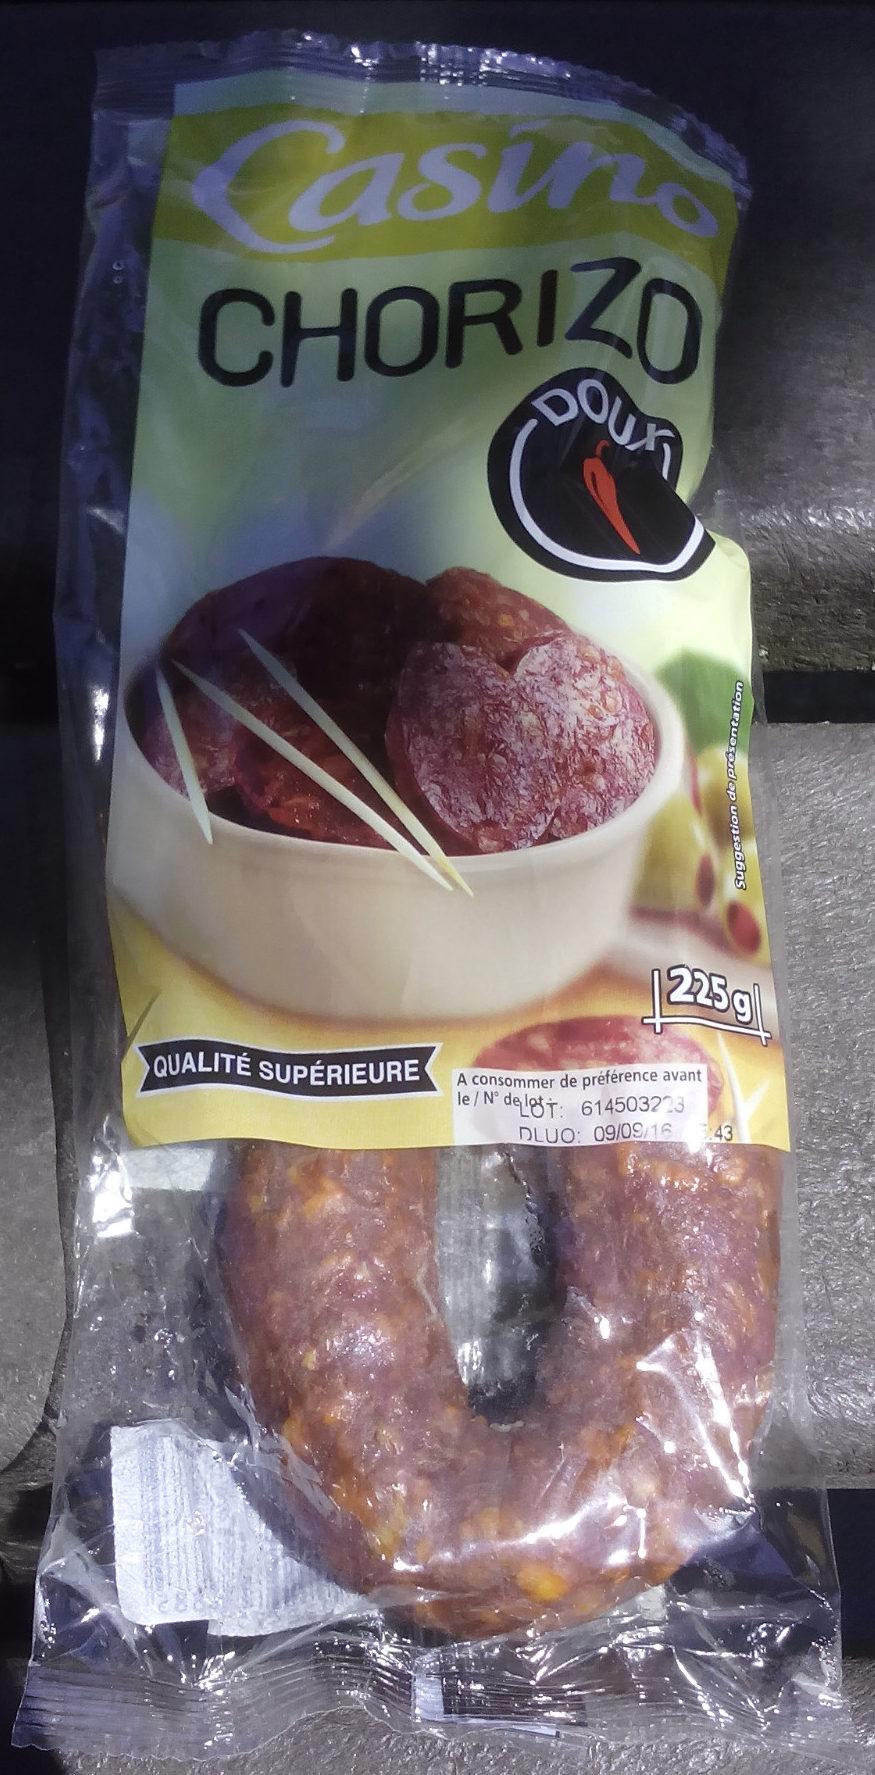 chorizo doux Qualité supérieur - Produit